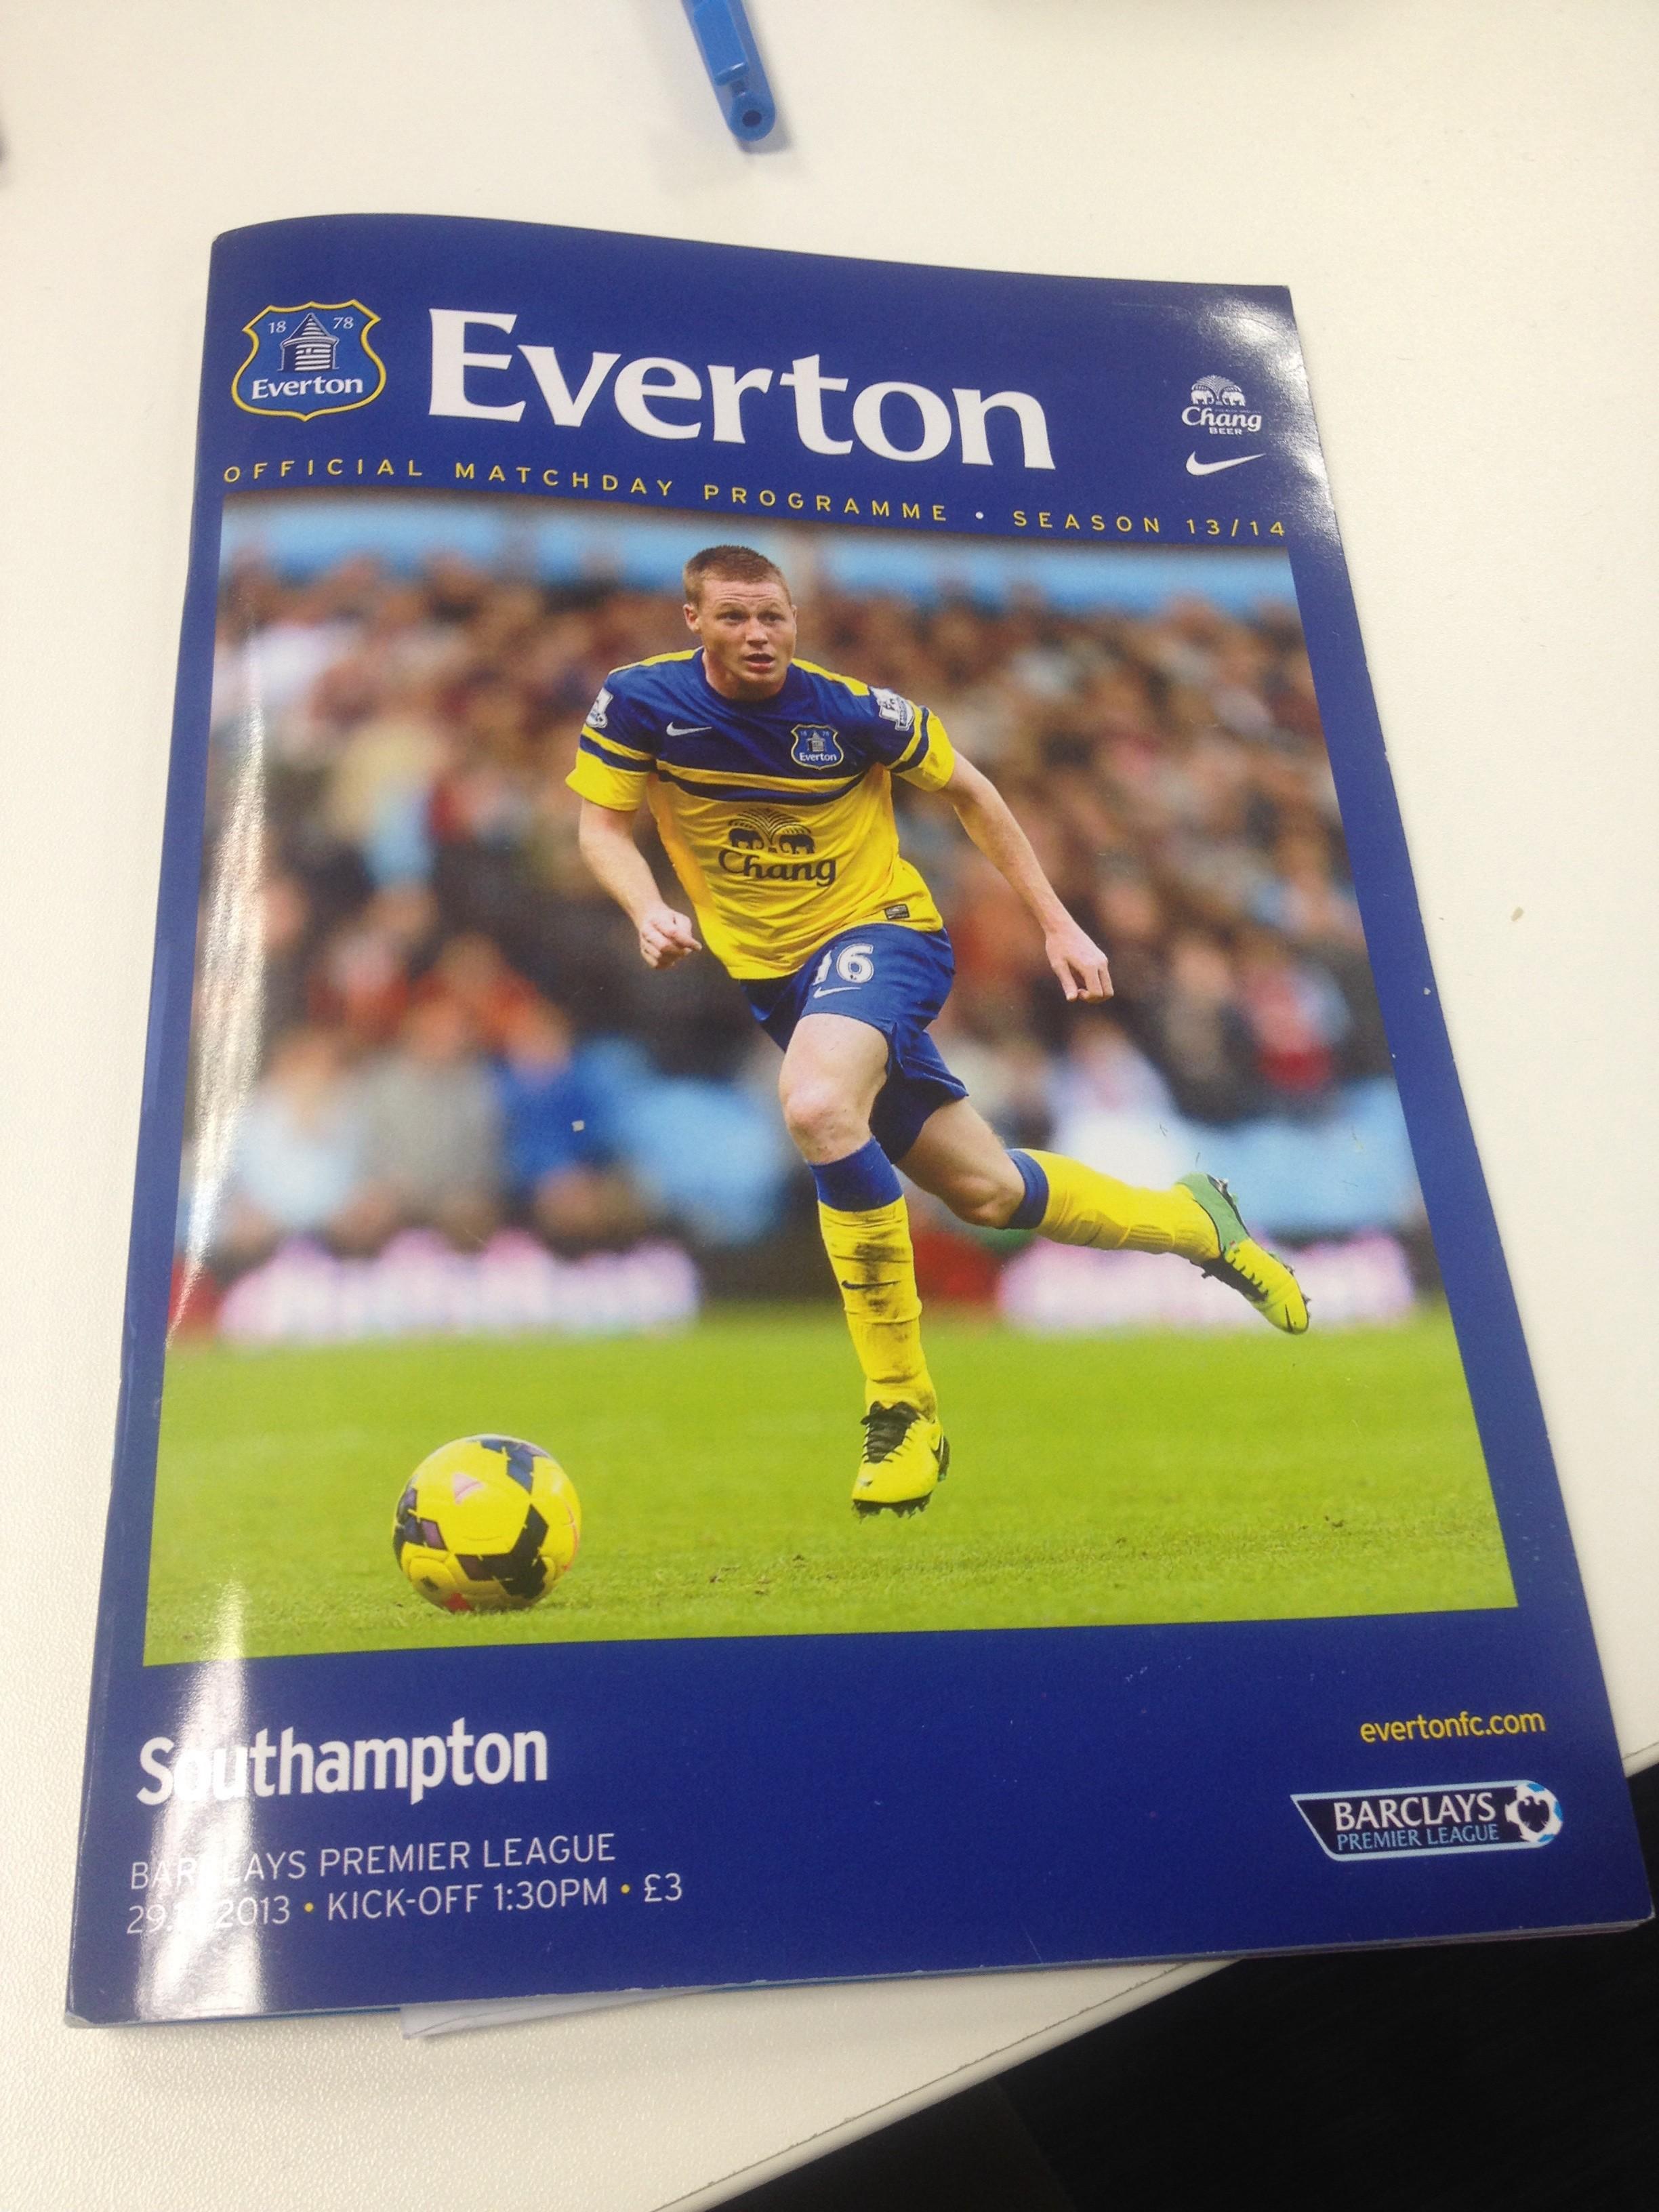 Everton Vs Southampton match program